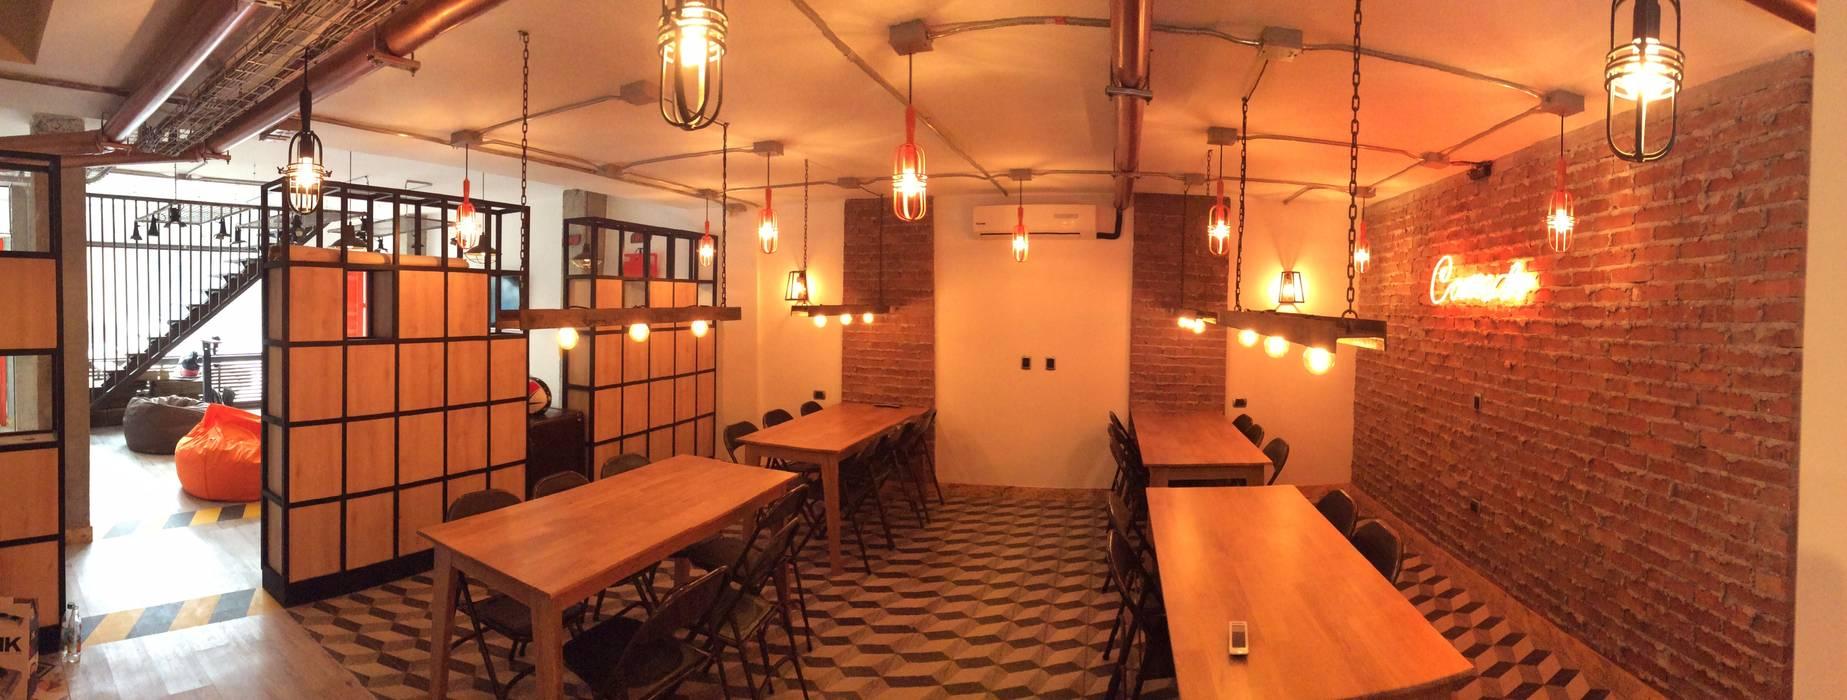 OFICINAS DE ADUANAS _ LACOSTE ASOCIADOS: Oficinas y Tiendas de estilo  por @tresarquitectos